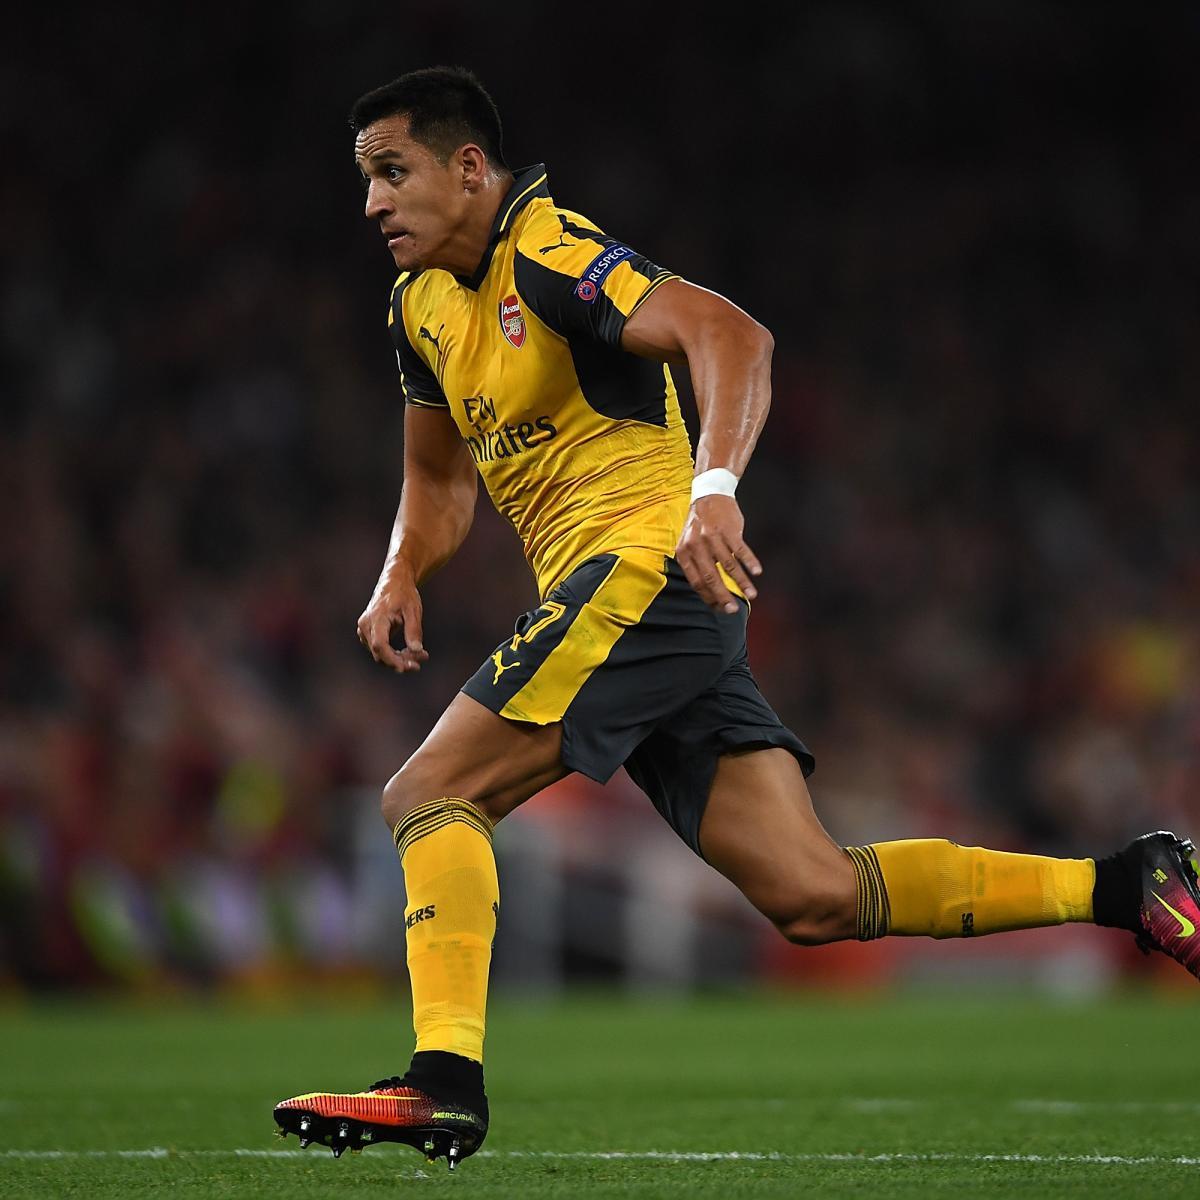 Arsenal Vs Tottenham Live Score Highlights From Premier: Burnley Vs. Arsenal: Live Score, Highlights From Premier